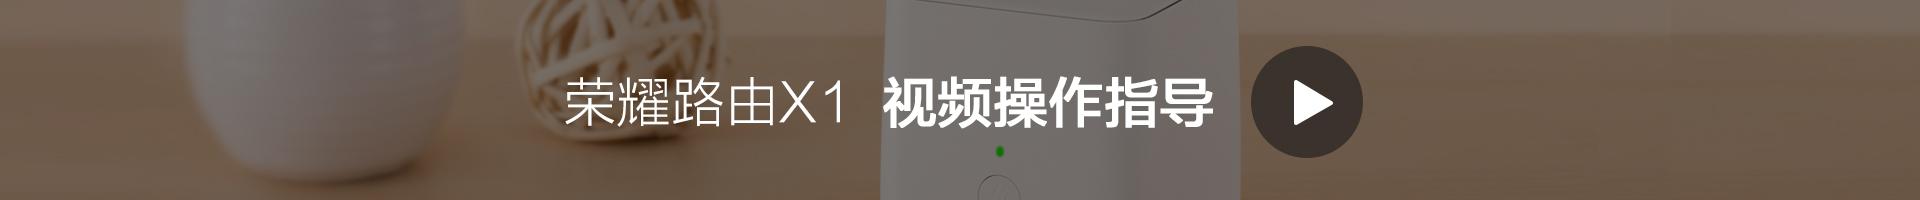 7-荣耀路由X1.jpg